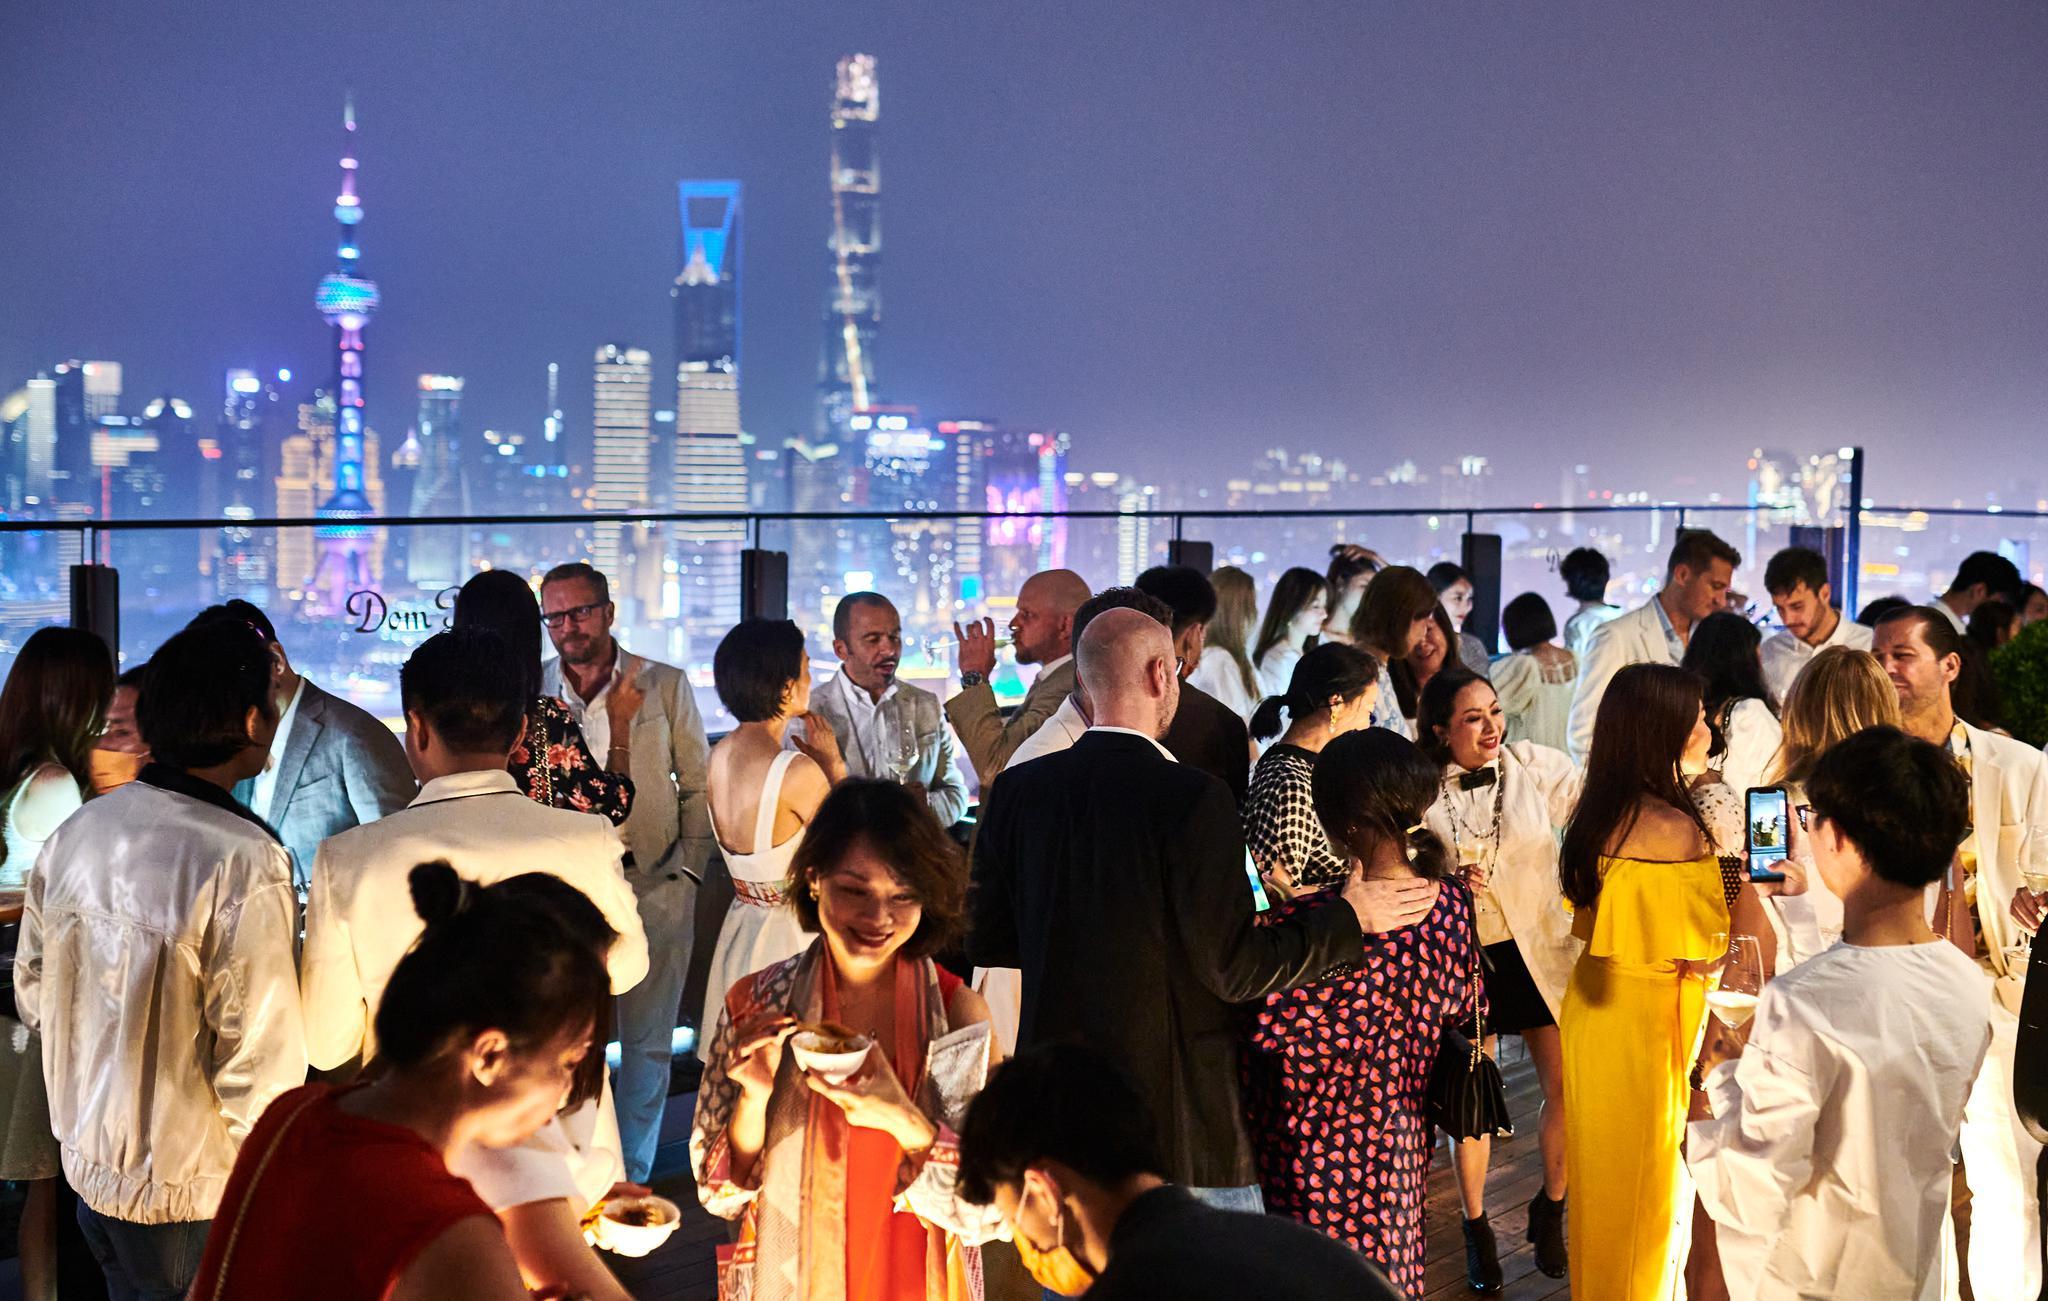 """上海宝格丽酒店呈现""""玩味罗马盛景""""露台派对暨知名音乐人李泉先生成为首位酒店挚友"""